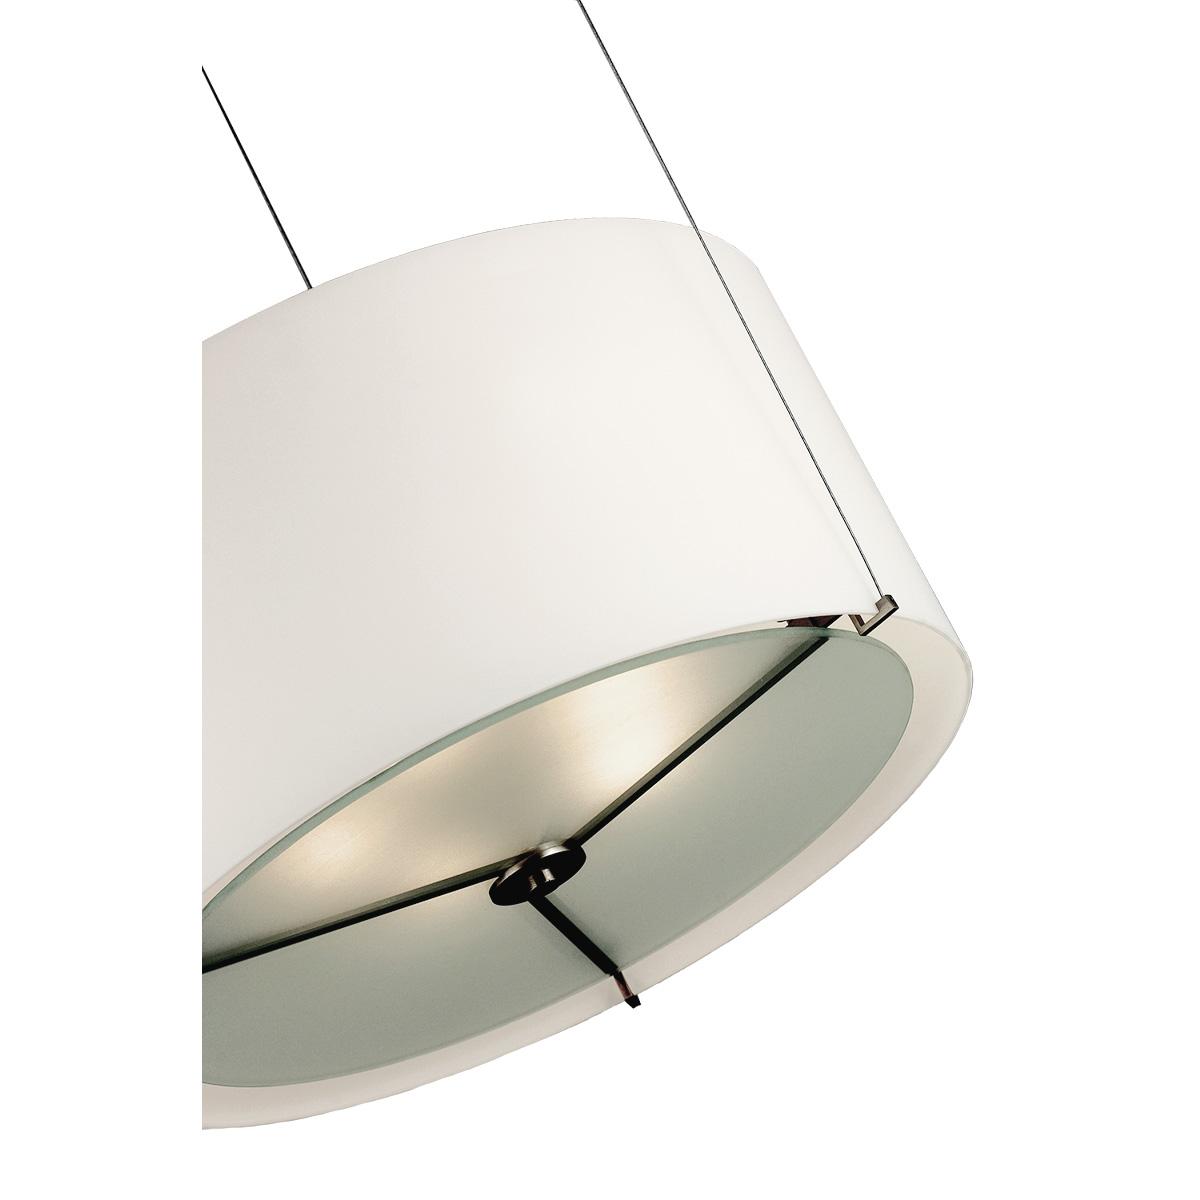 Μοντέρνο λευκό μονόφωτο Μουράνο ΚΥΛΙΝΔΡΟΙ modern white Murano suspension lamp